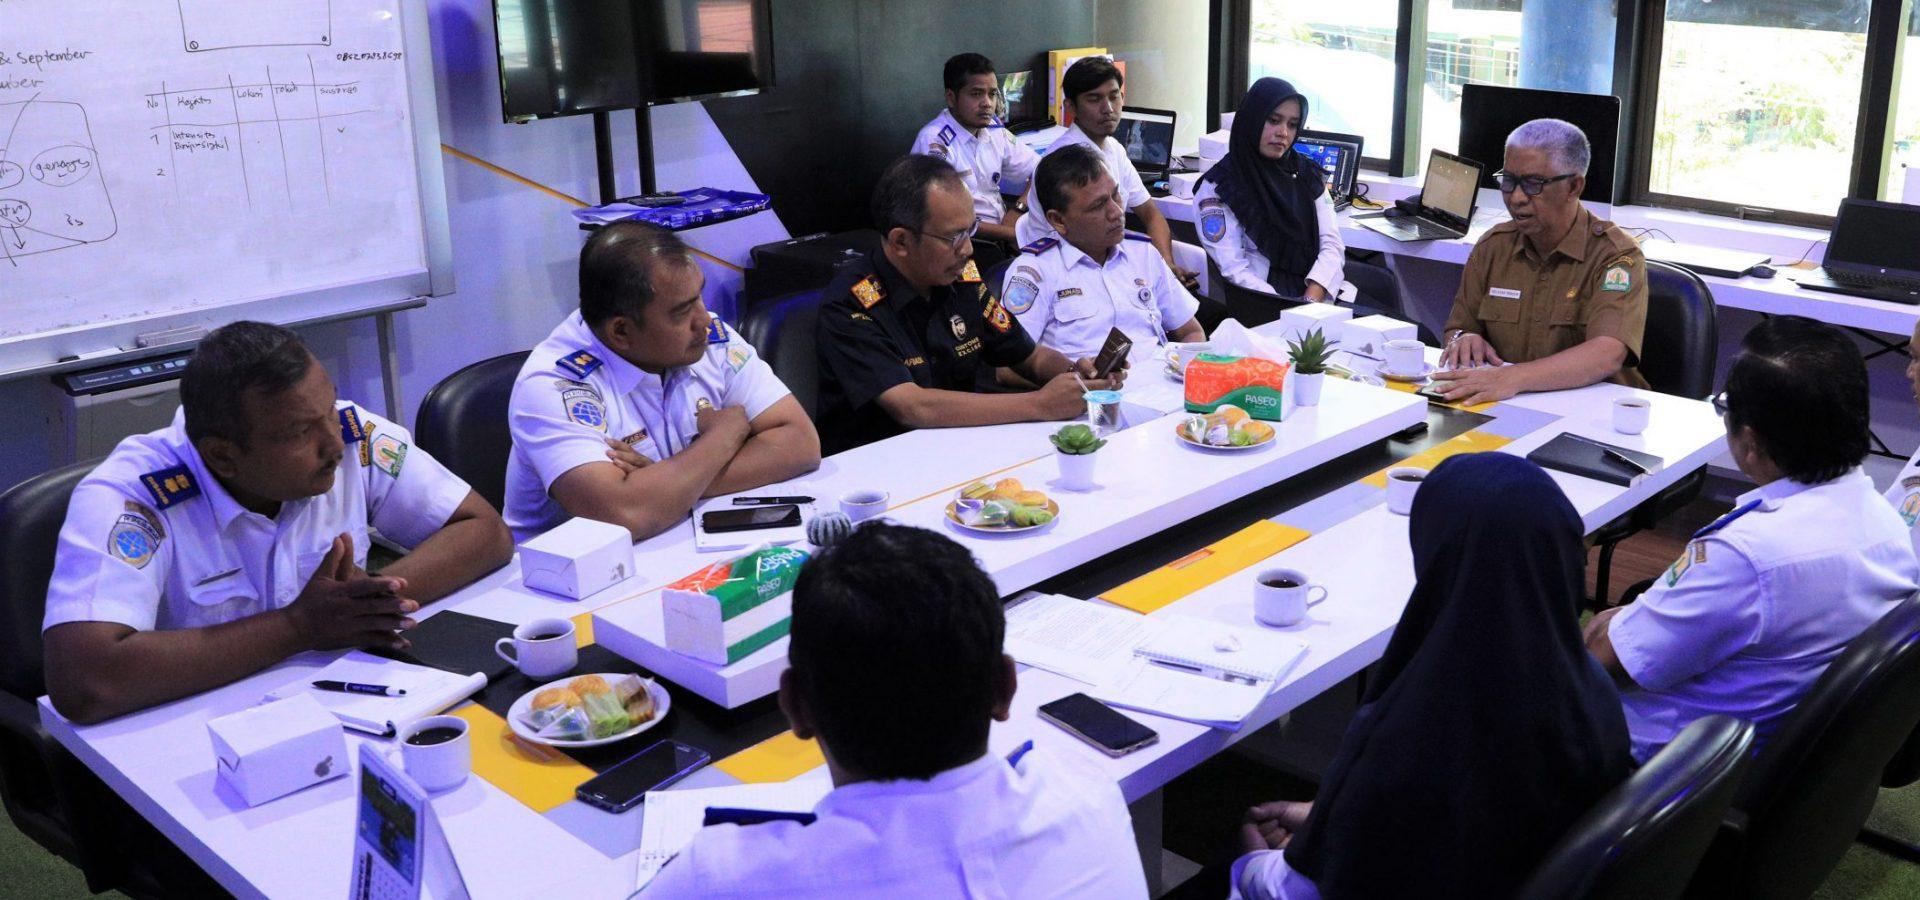 Diskusi Kadishub Aceh bersama Kepala Bappeda Aceh dan Kakanwil Bea dan Cukai Aceh di Innovation Center Room Dishub Aceh, Selasa, 25 Februari 2020.